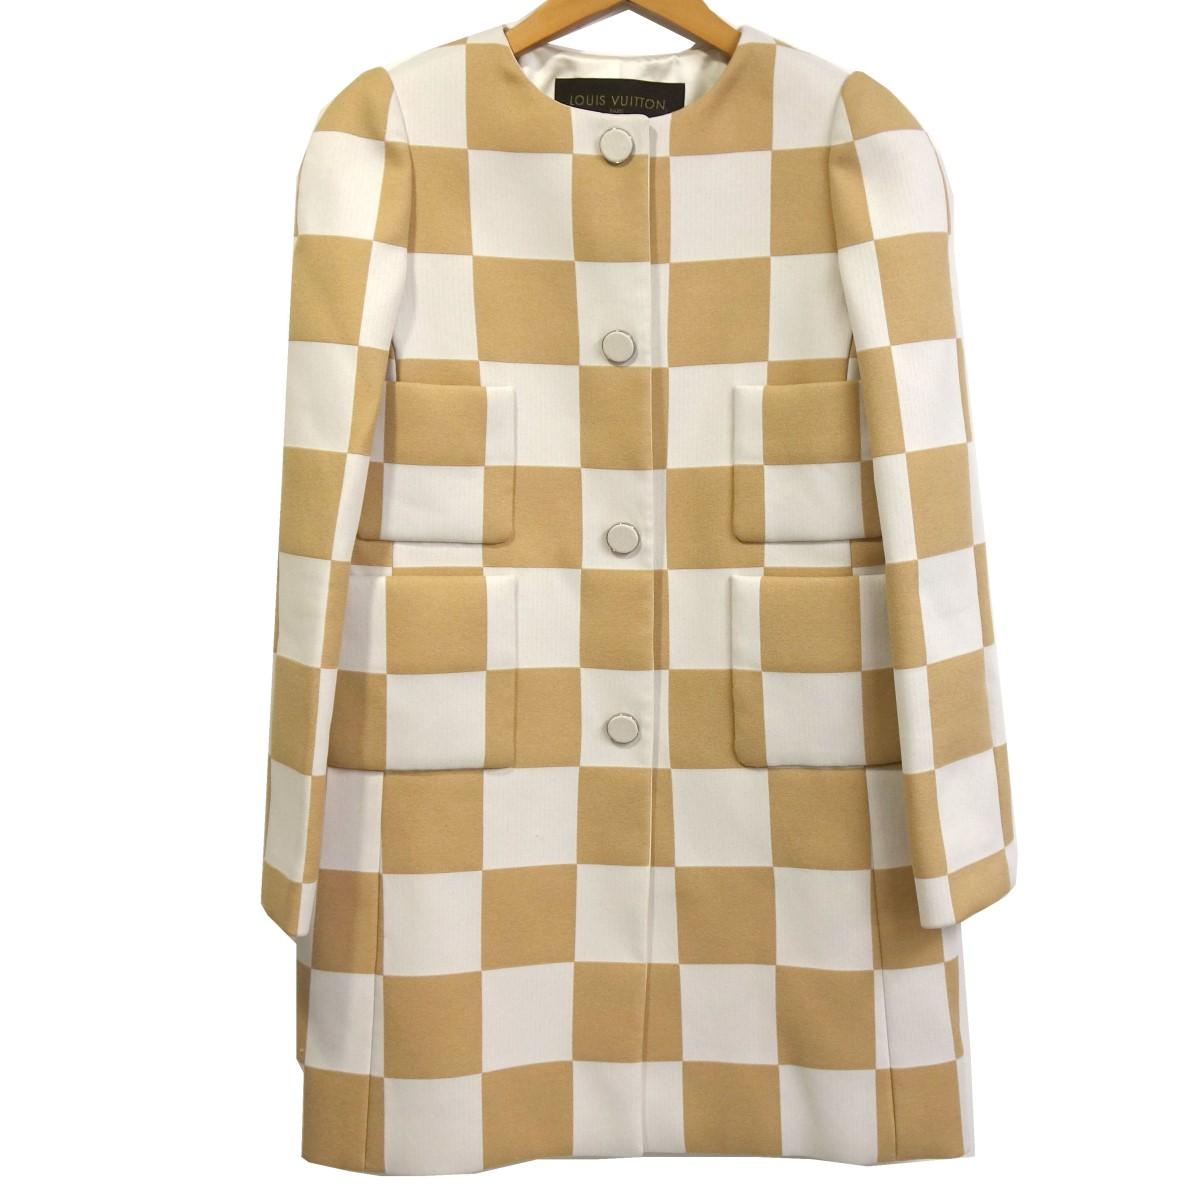 【中古】LOUIS VUITTON 13SS 総柄ノーカラーロングジャケット ホワイト×ベージュ サイズ:34 【130420】(ルイヴィトン)